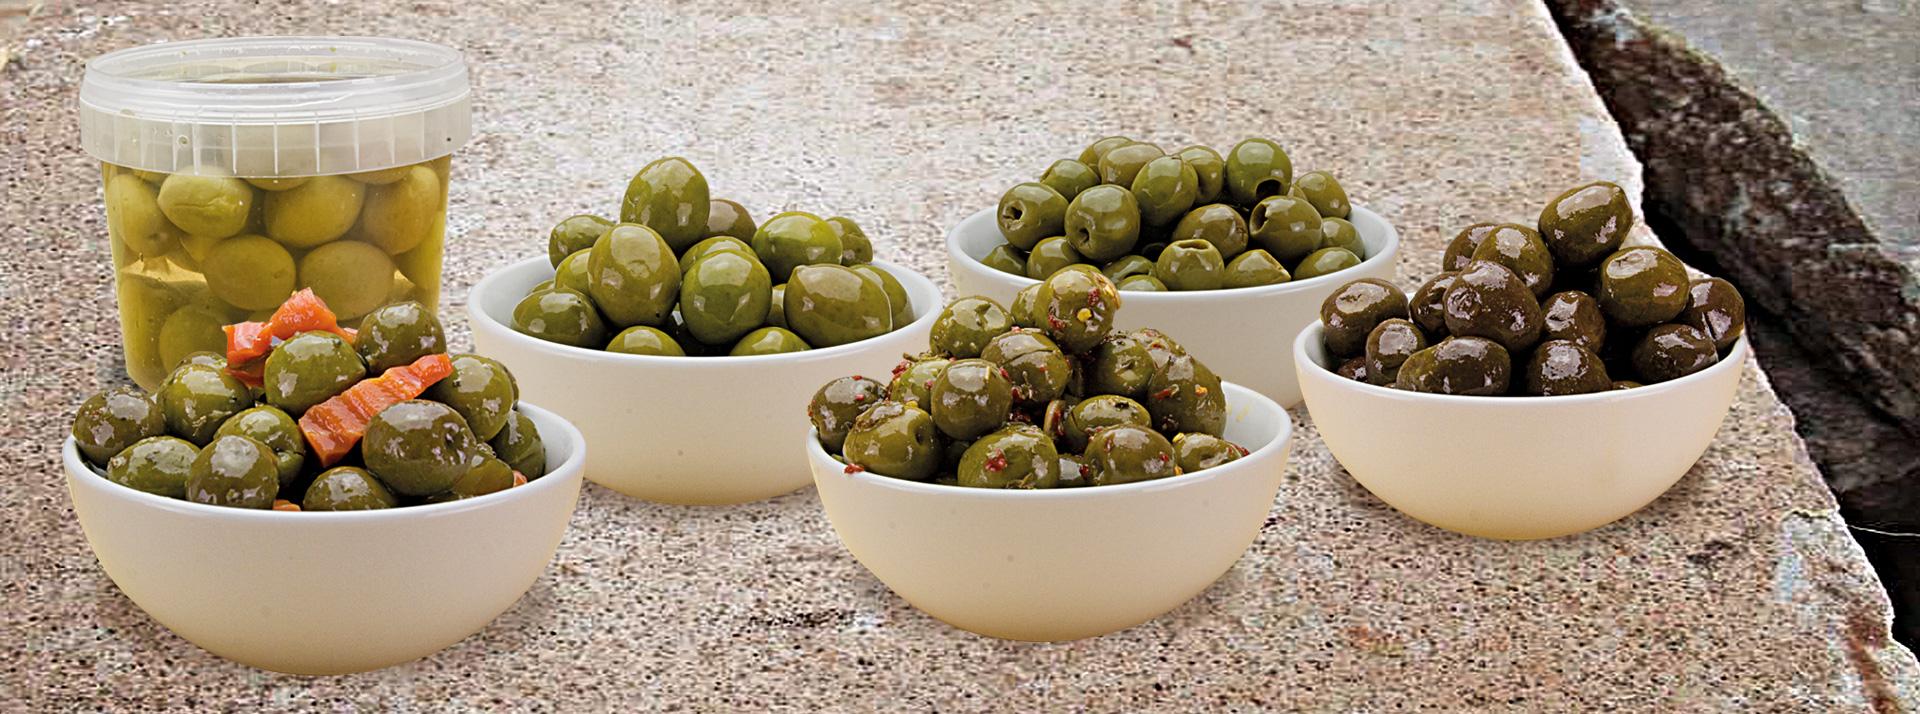 olive_slide_1920x714